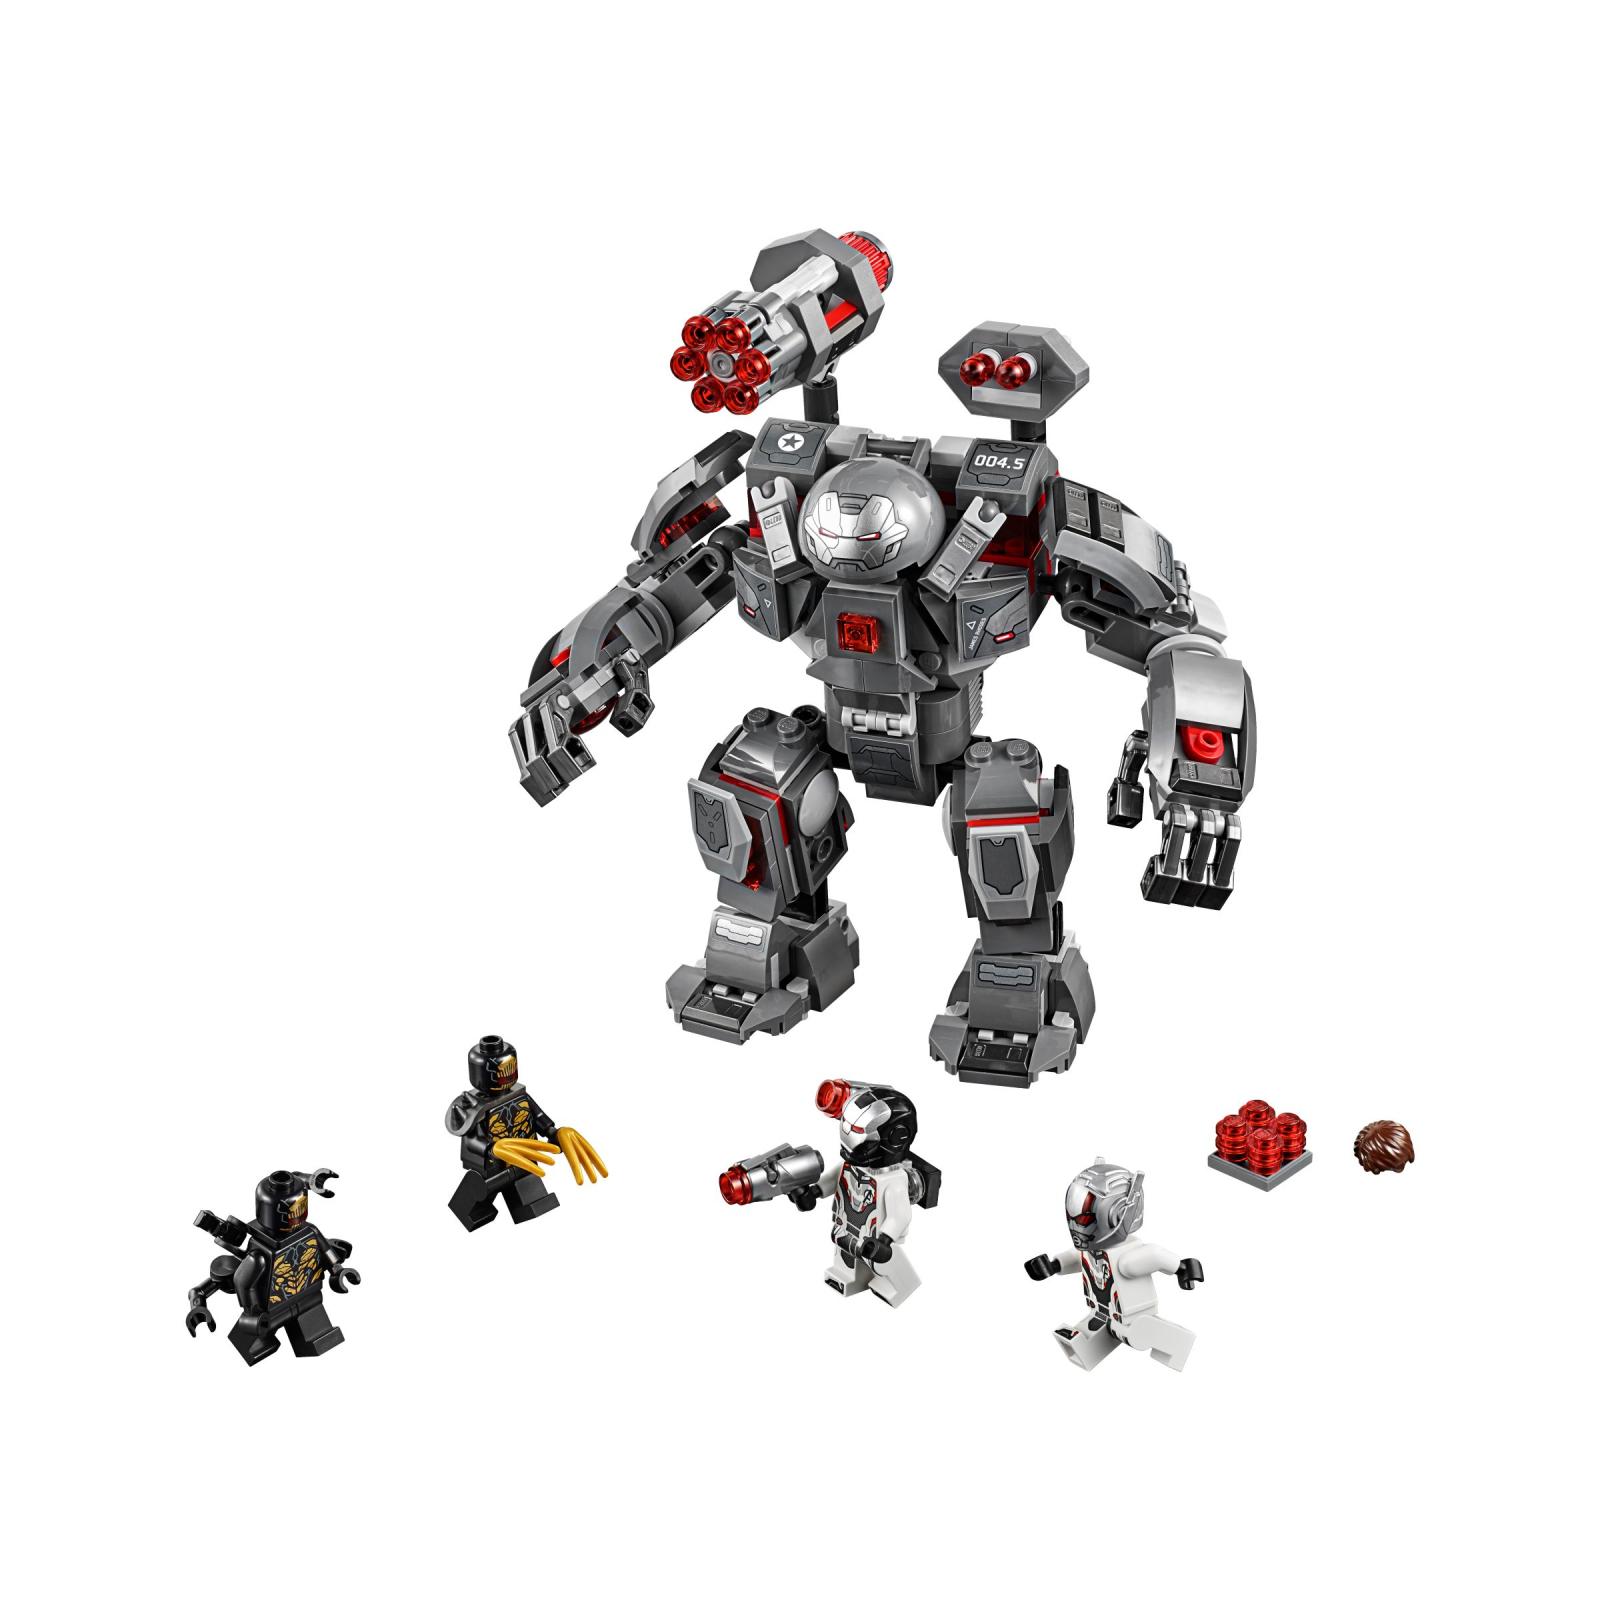 Конструктор LEGO Super Heroes Marvel Comics Воитель 362 детали (76124) изображение 2